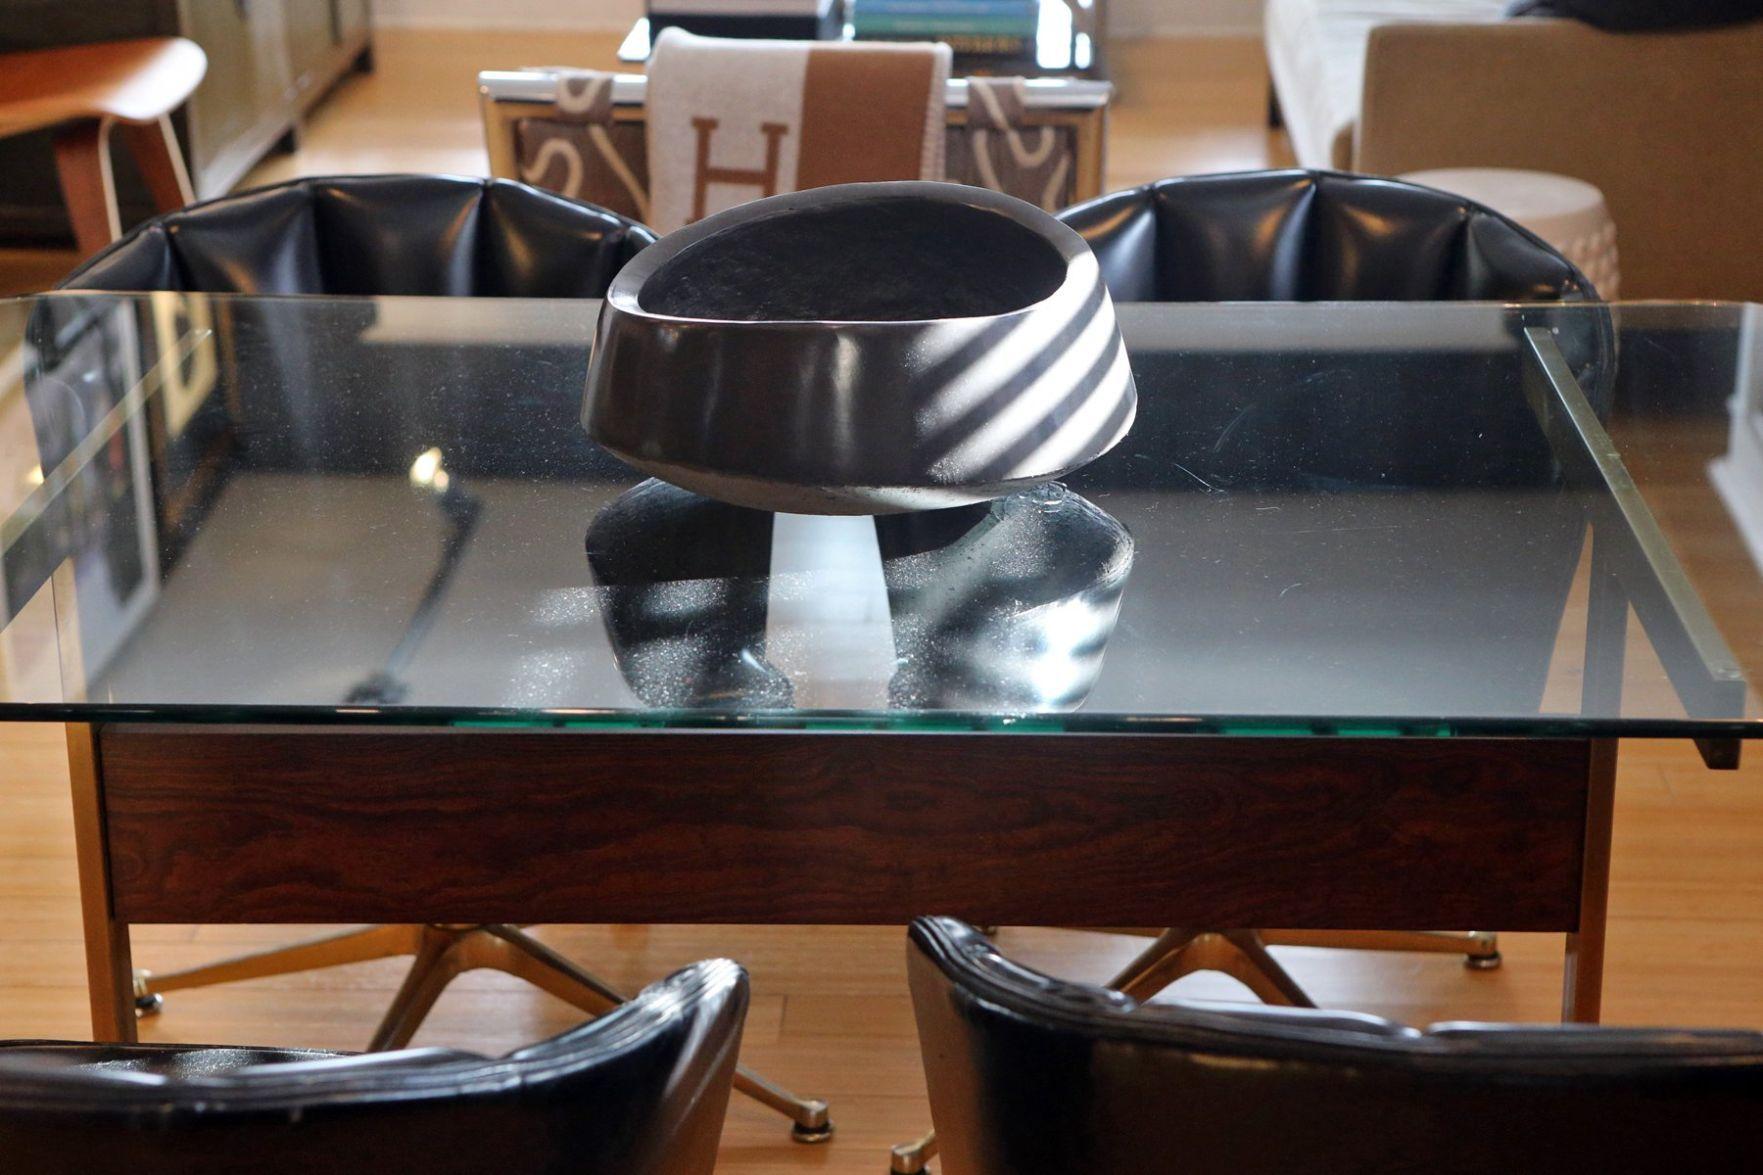 Table Inox Metro. Amazing Domino Copiapng With Table Inox Metro ...